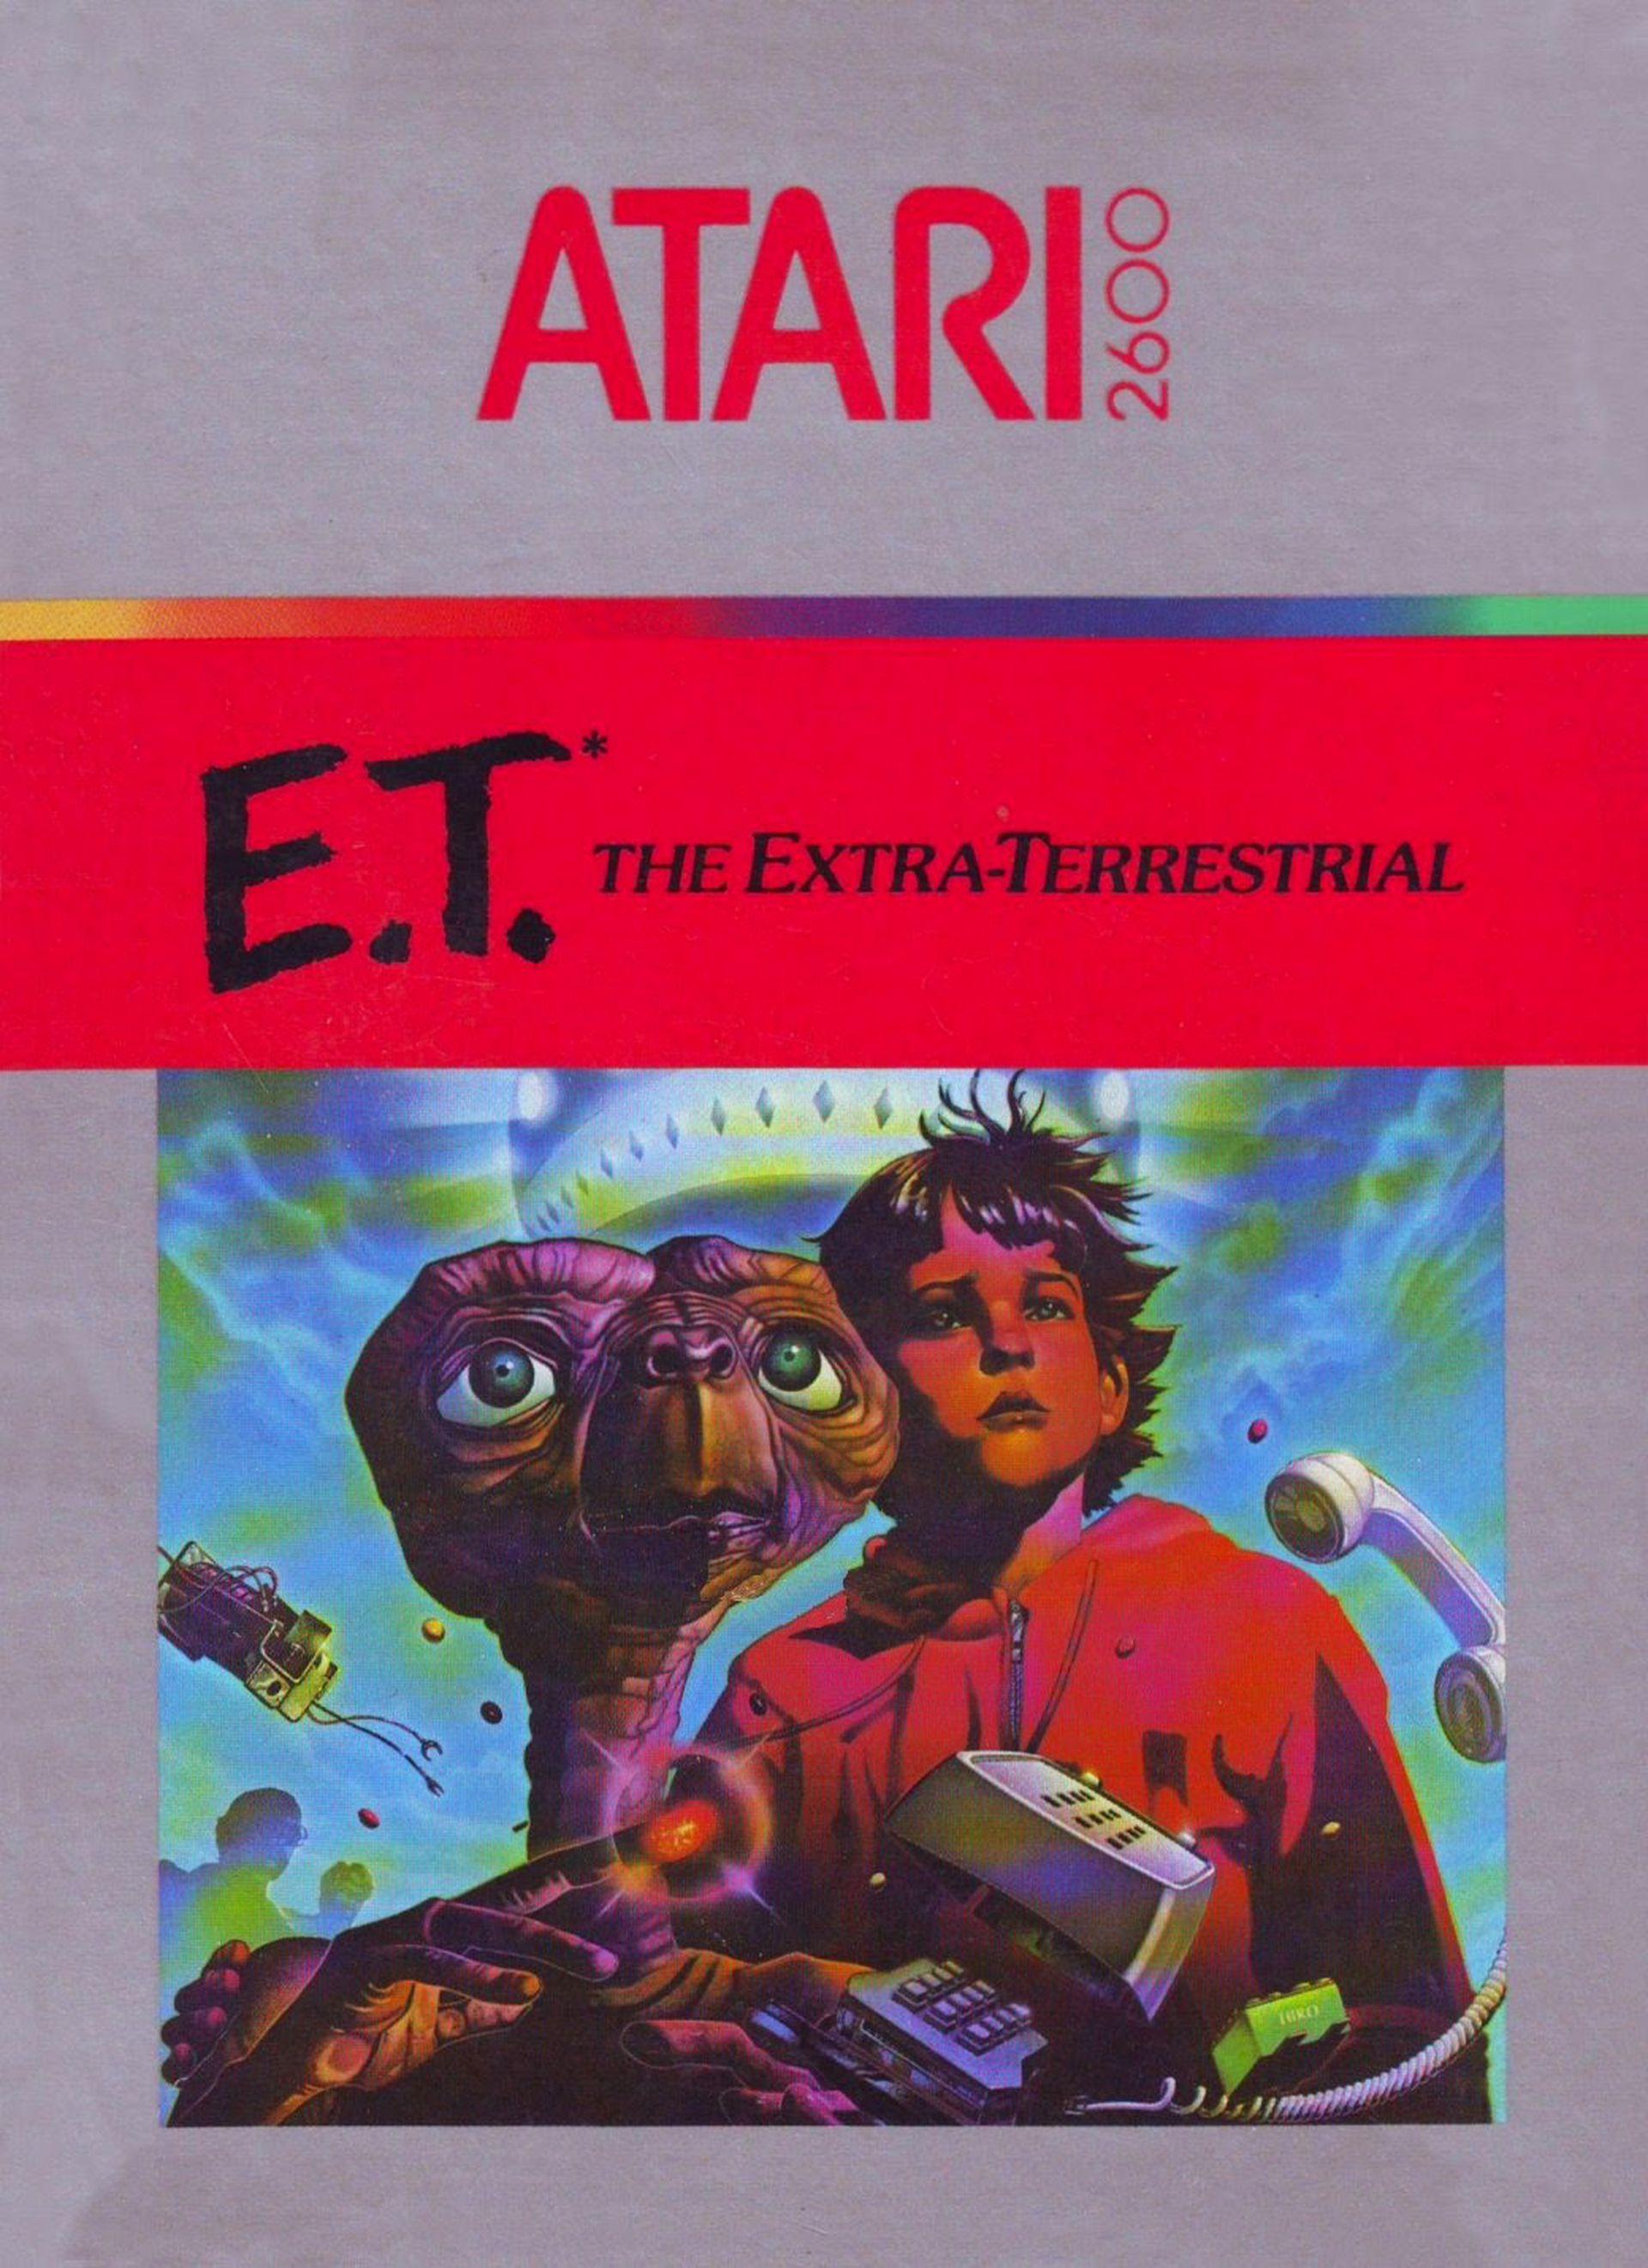 El juego que destruyó la reputación de Atari y creó una leyenda urbana.